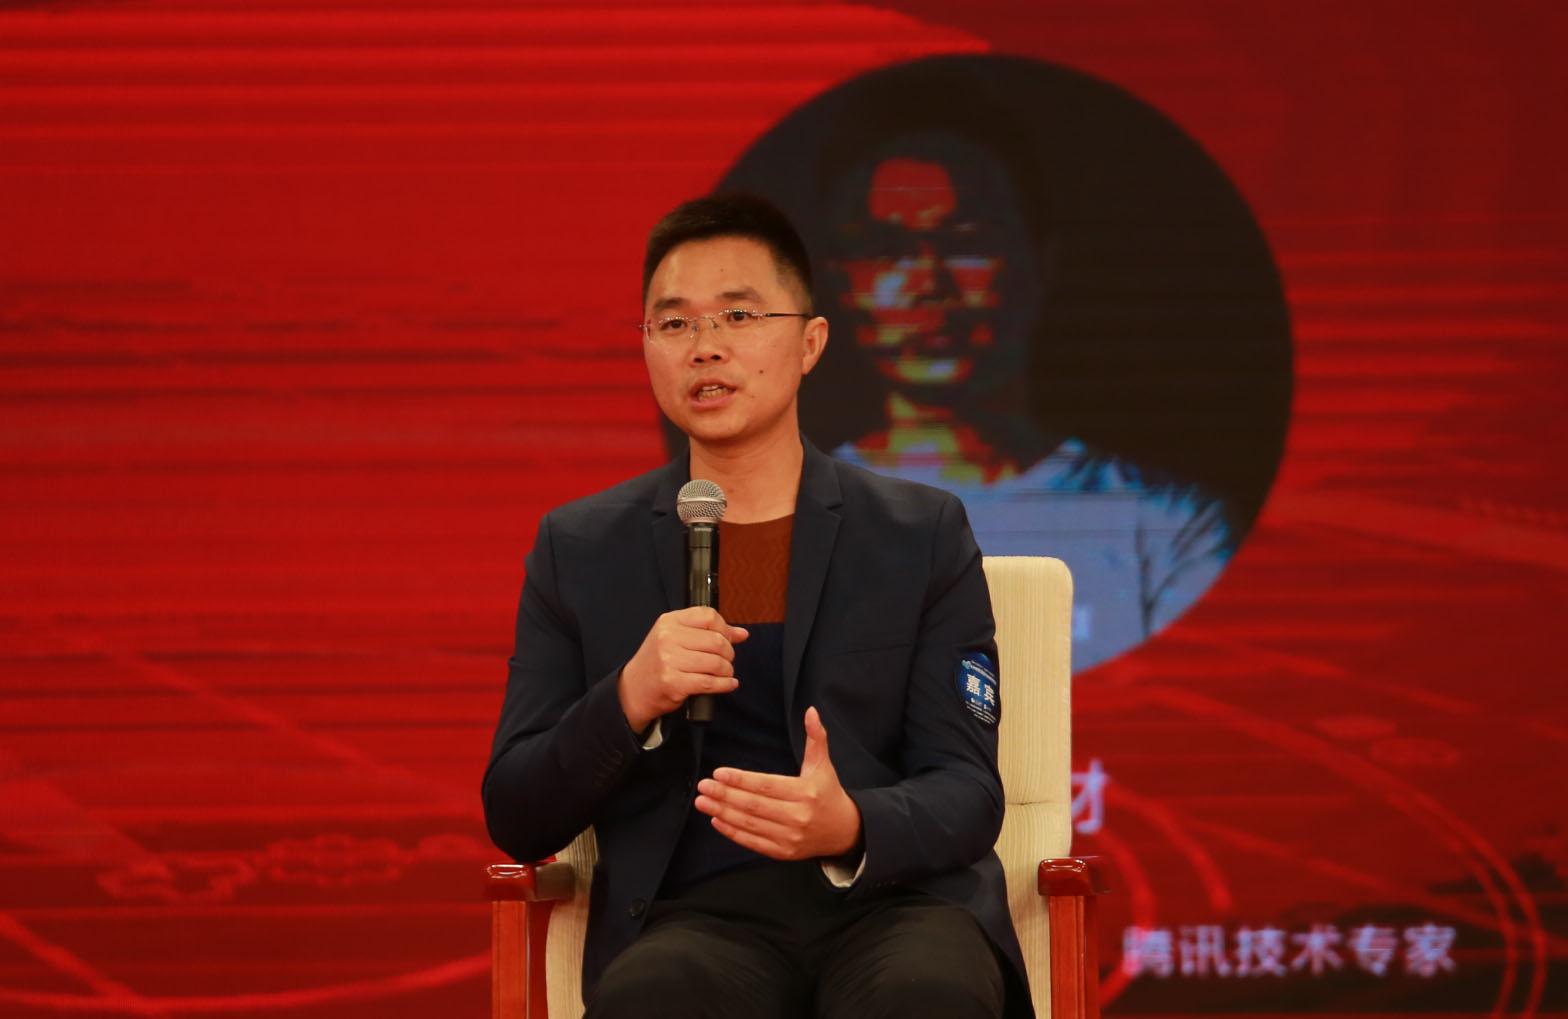 腾讯李茂材:区块链未来可以和商业场景结合